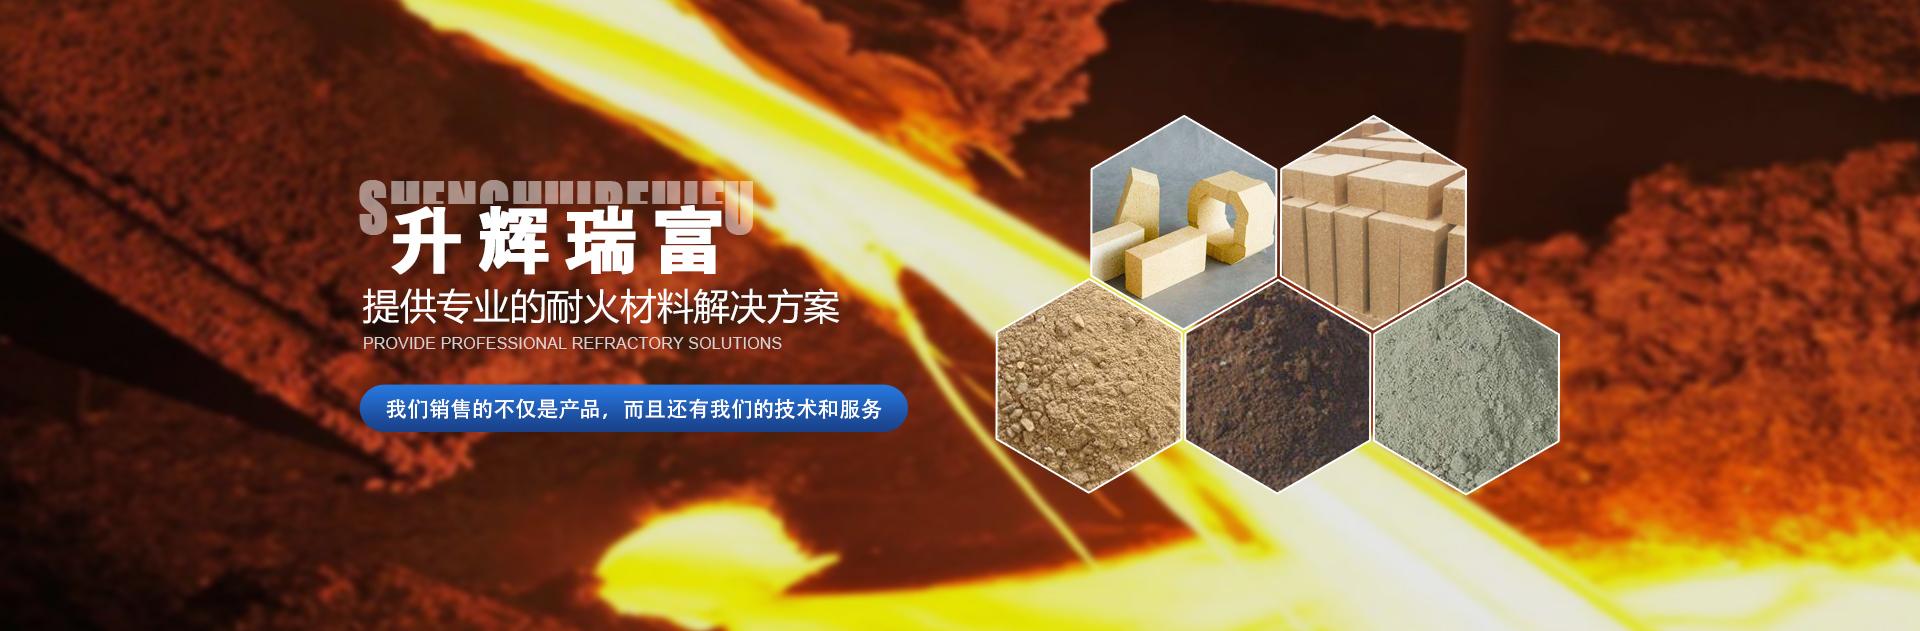 镁碳砖价格